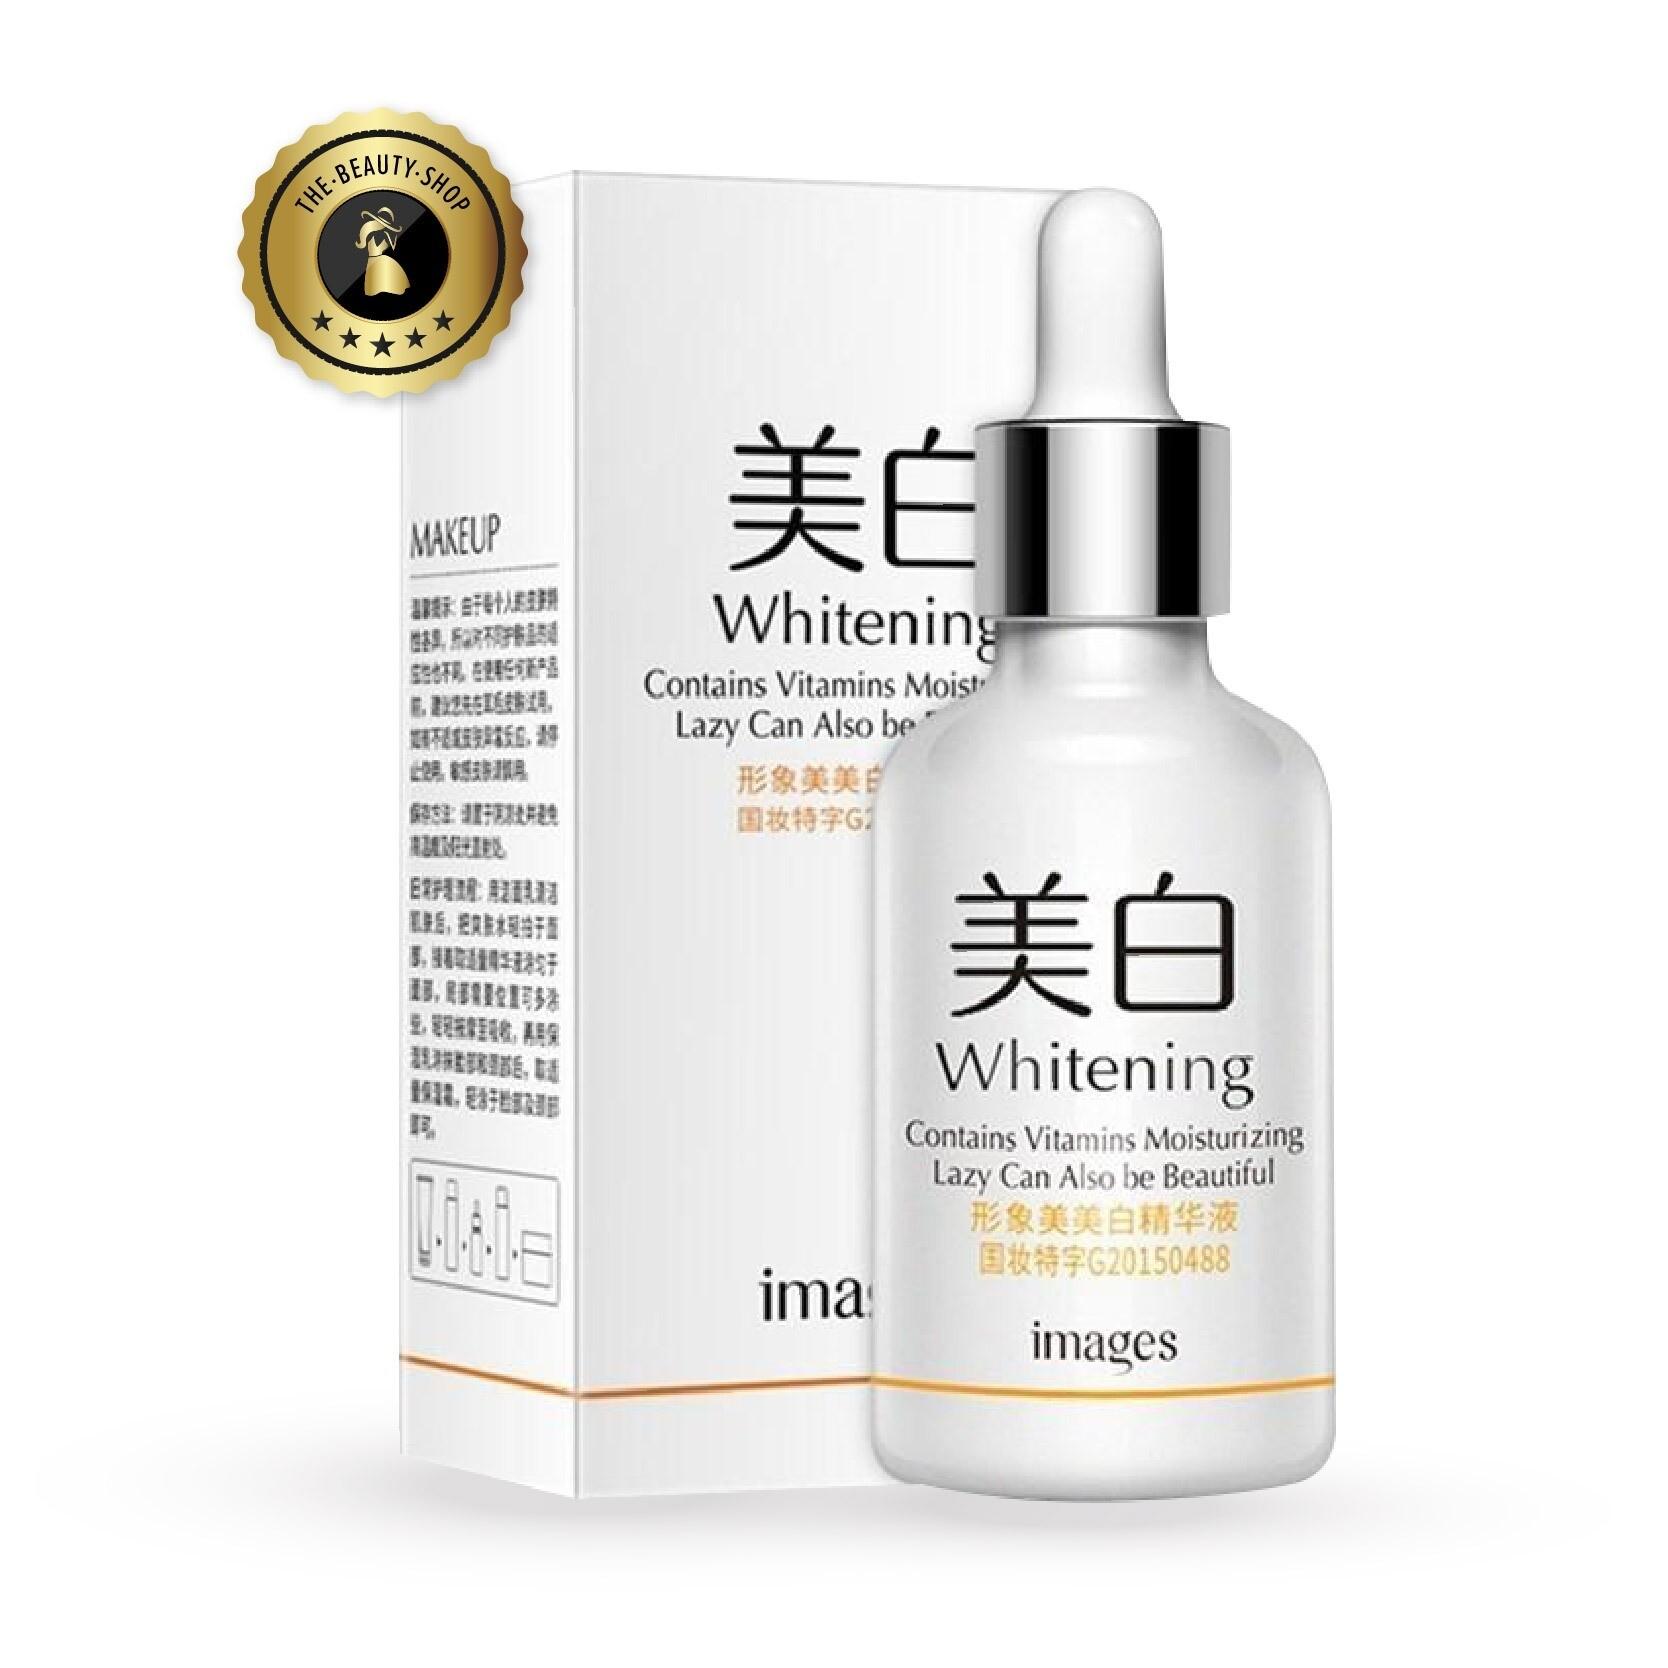 ( สินค้าขายดี / พร้อมส่ง ) เซรั่ม V7 Whitening Essence ( 15 ml.) 1 ขวด ผิวขาวใสเห็นผลใน 7-14วัน